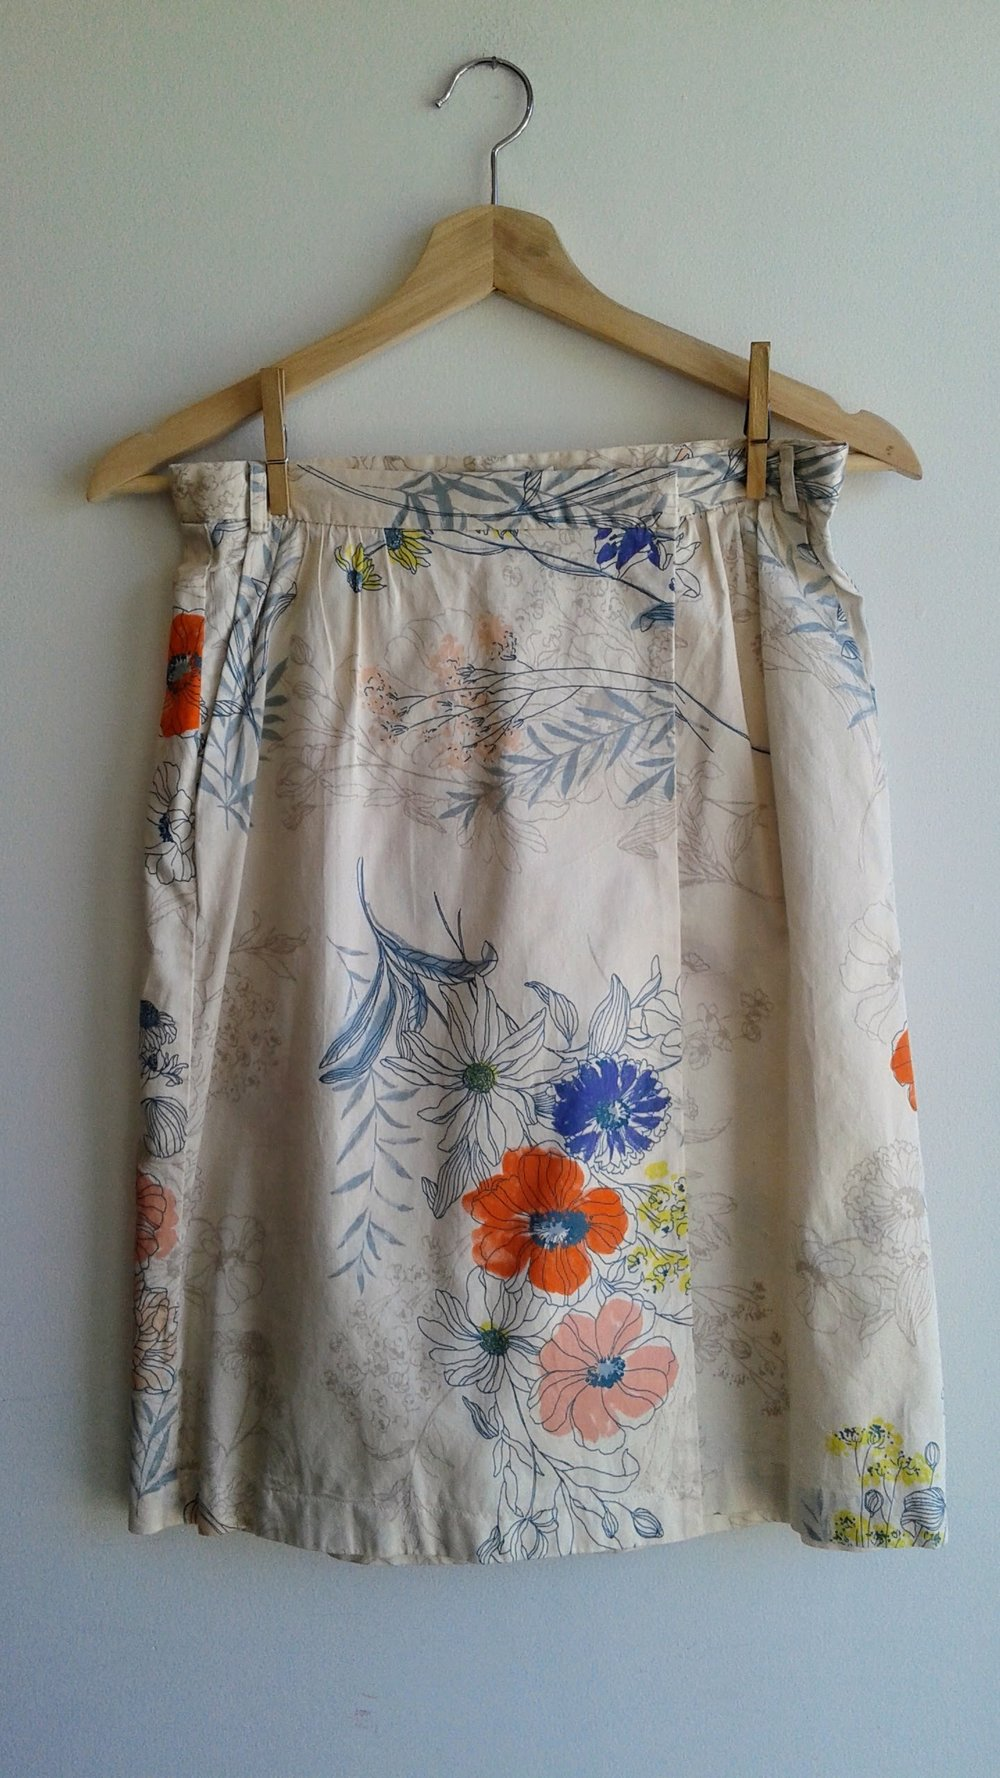 Jackpot skirt; S4, $20